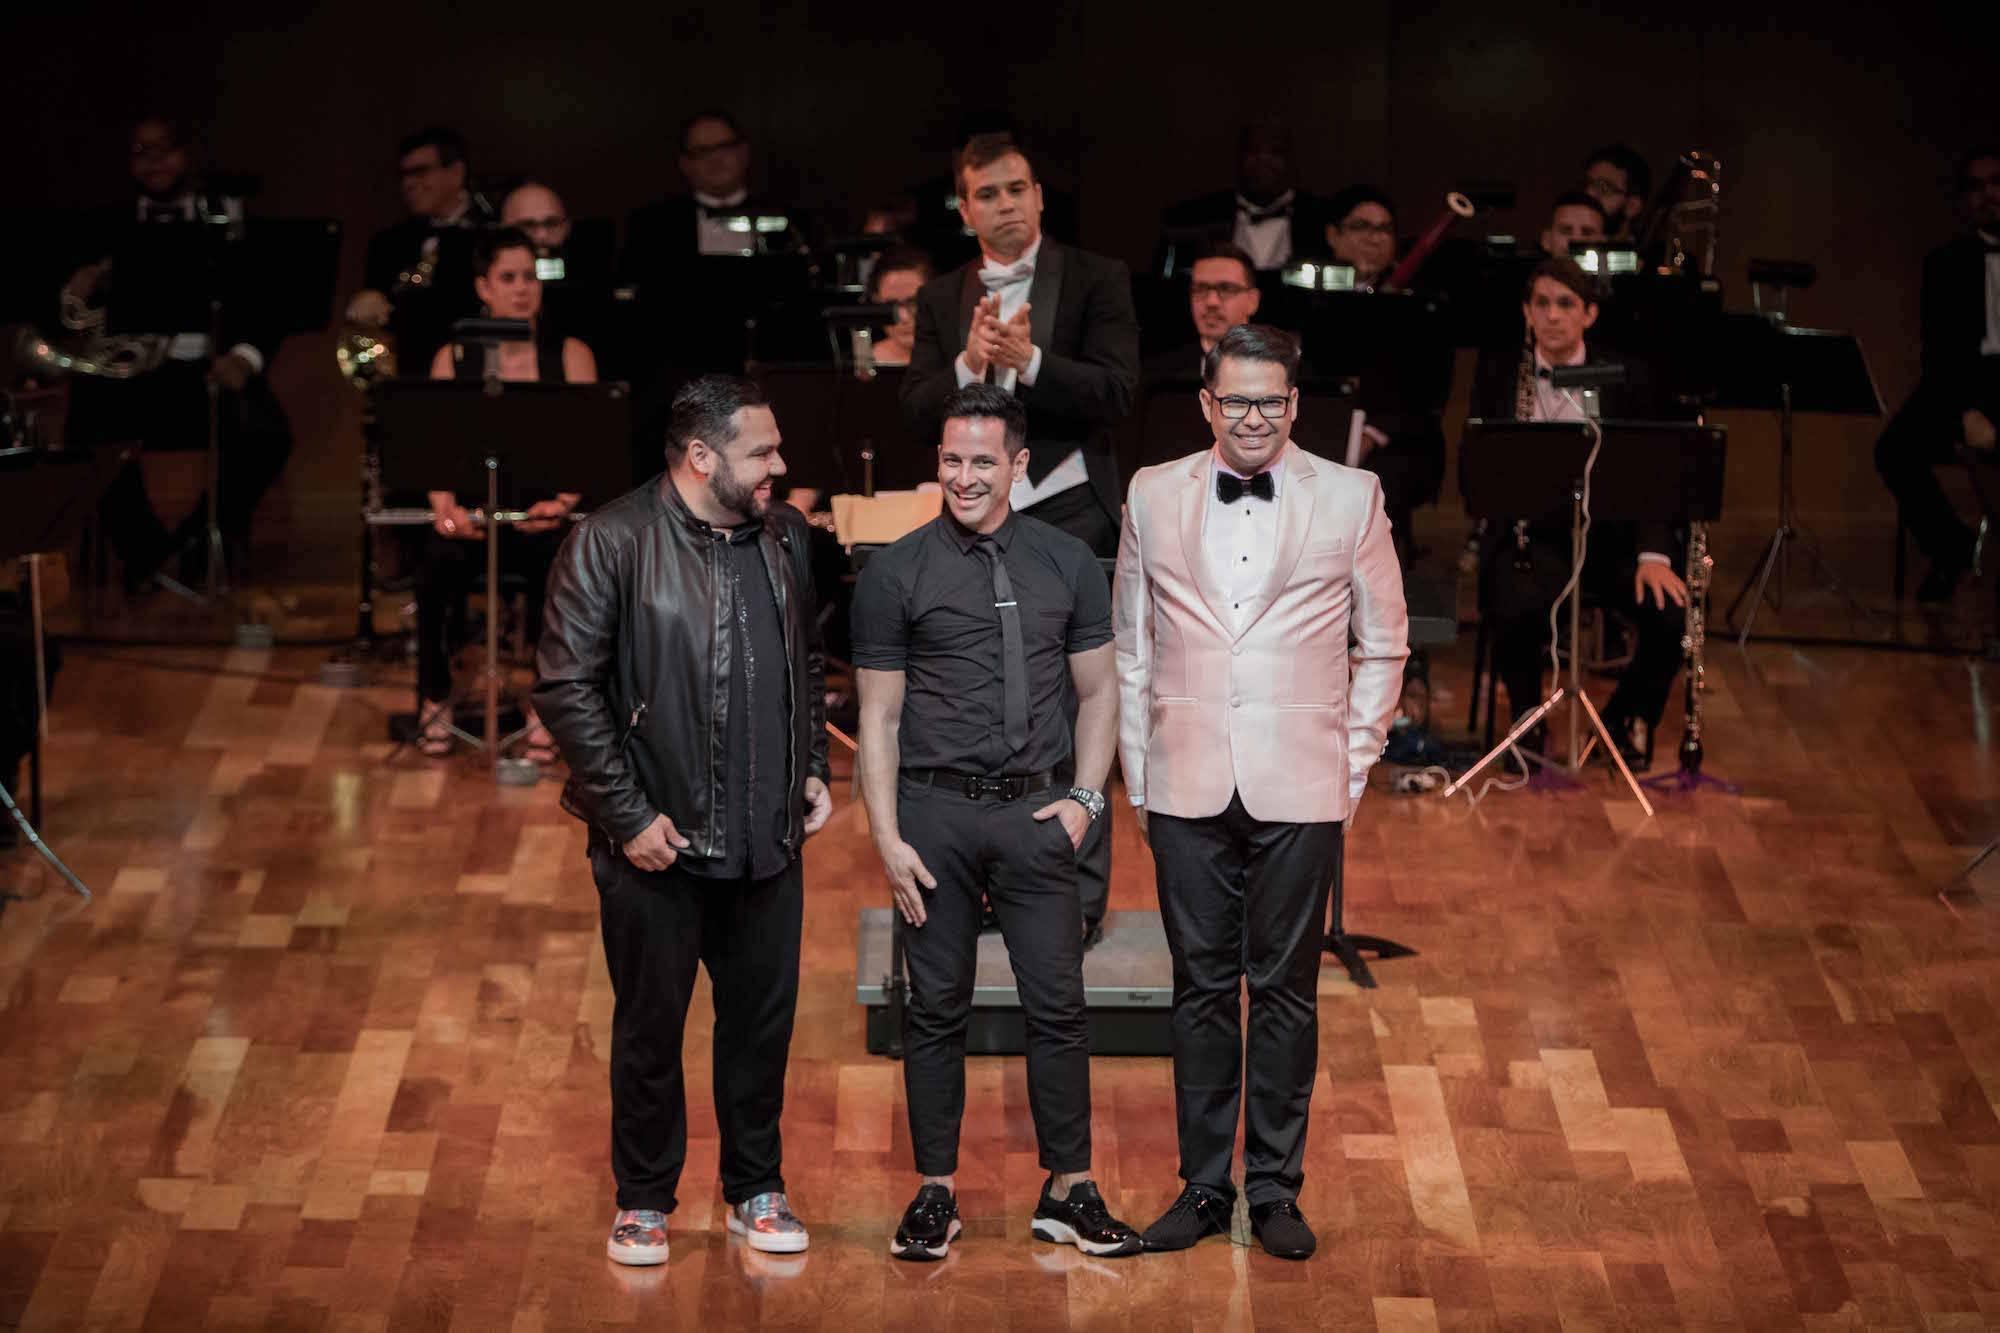 De izquierda a derecha, los diseñadores Benito Santos, Luis Antonio y Douglas Tapia. / Foto: suministrada